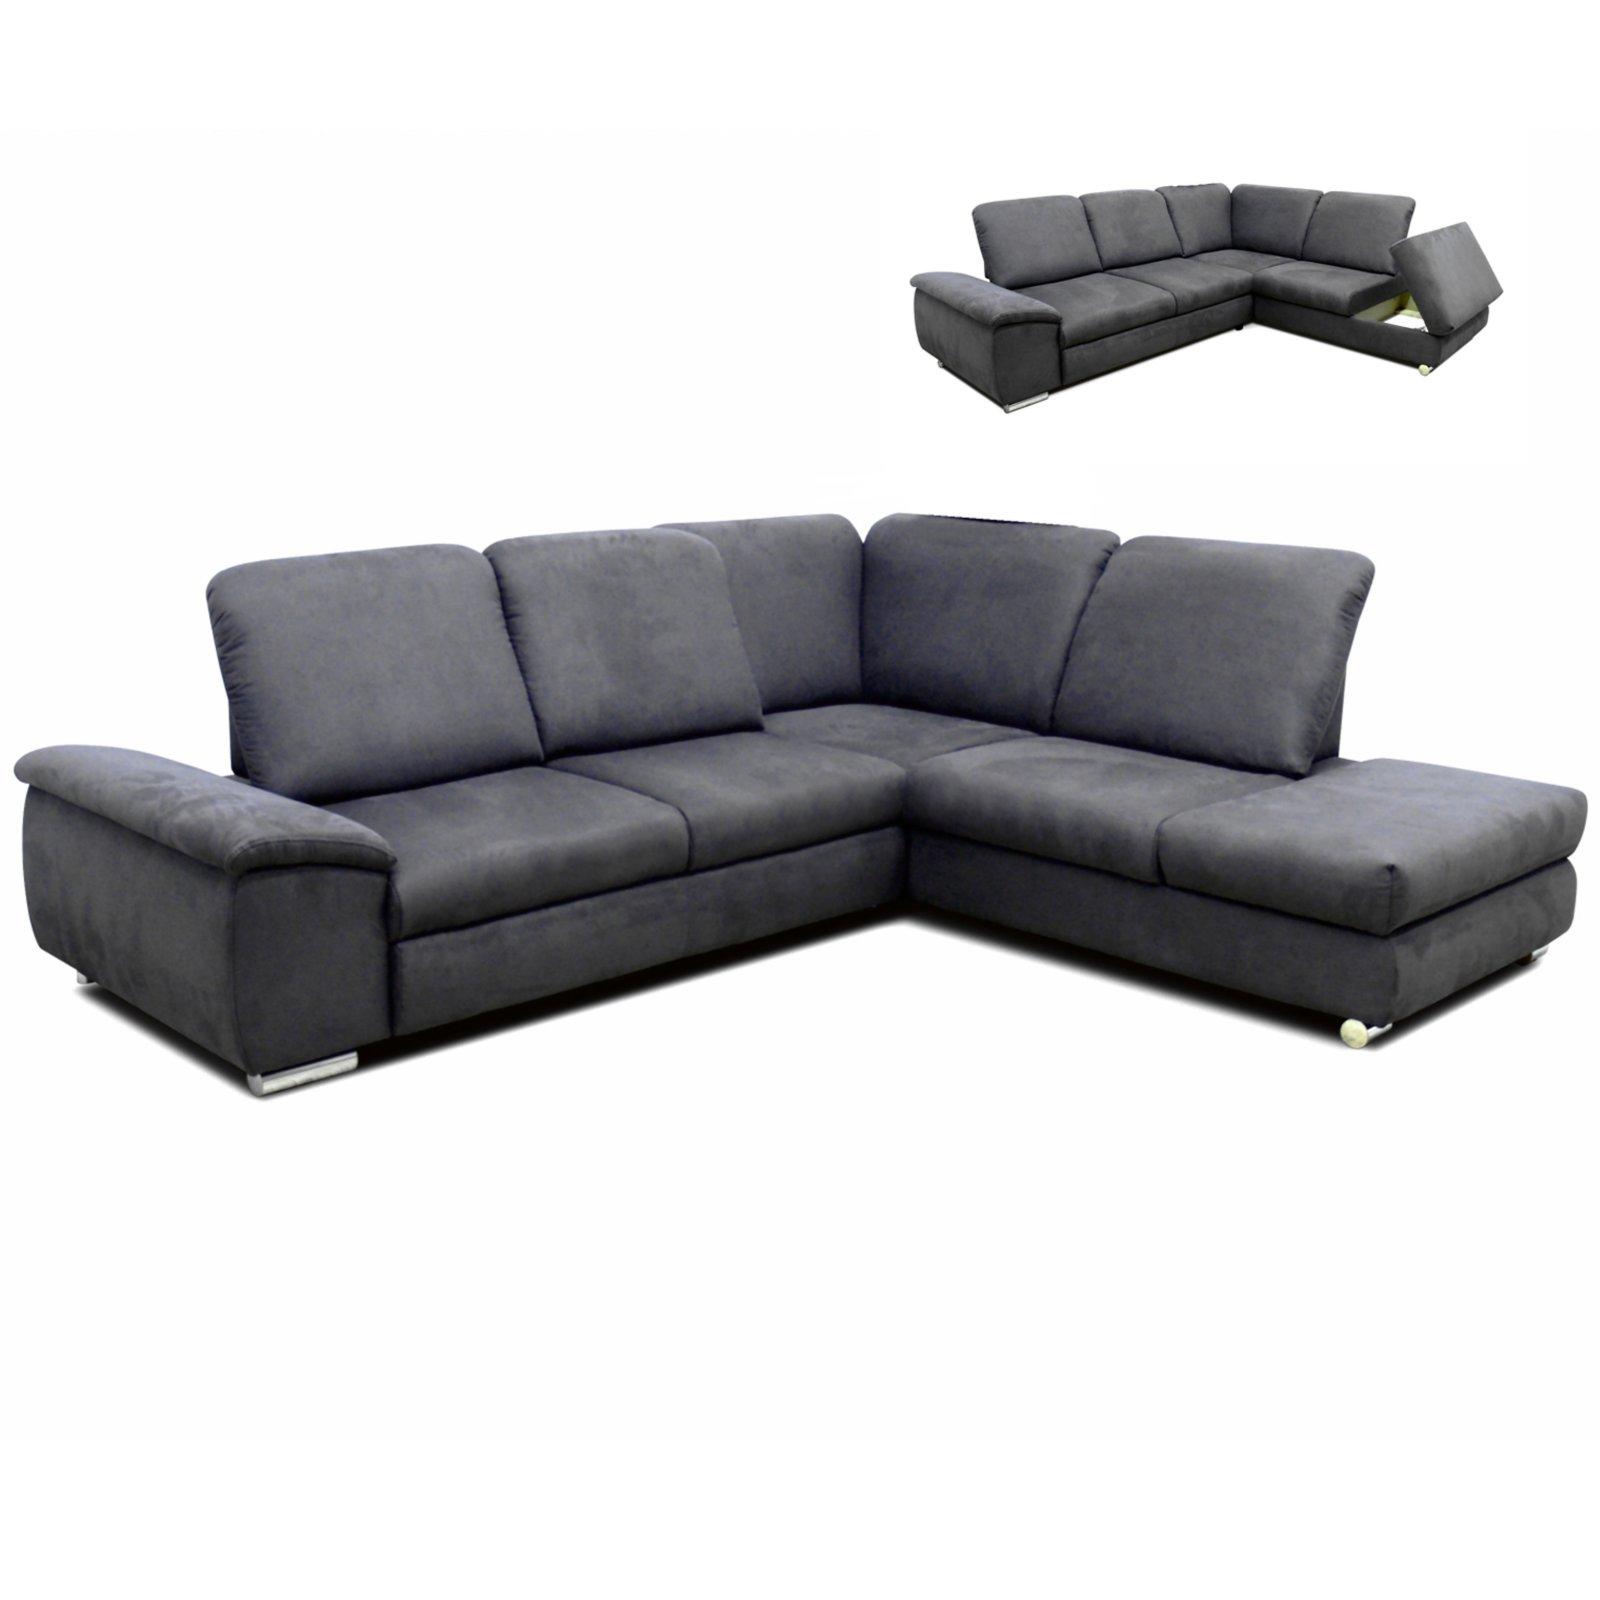 polsterecke grau staukasten sitztiefenverstellung links ecksofas l form sofas. Black Bedroom Furniture Sets. Home Design Ideas